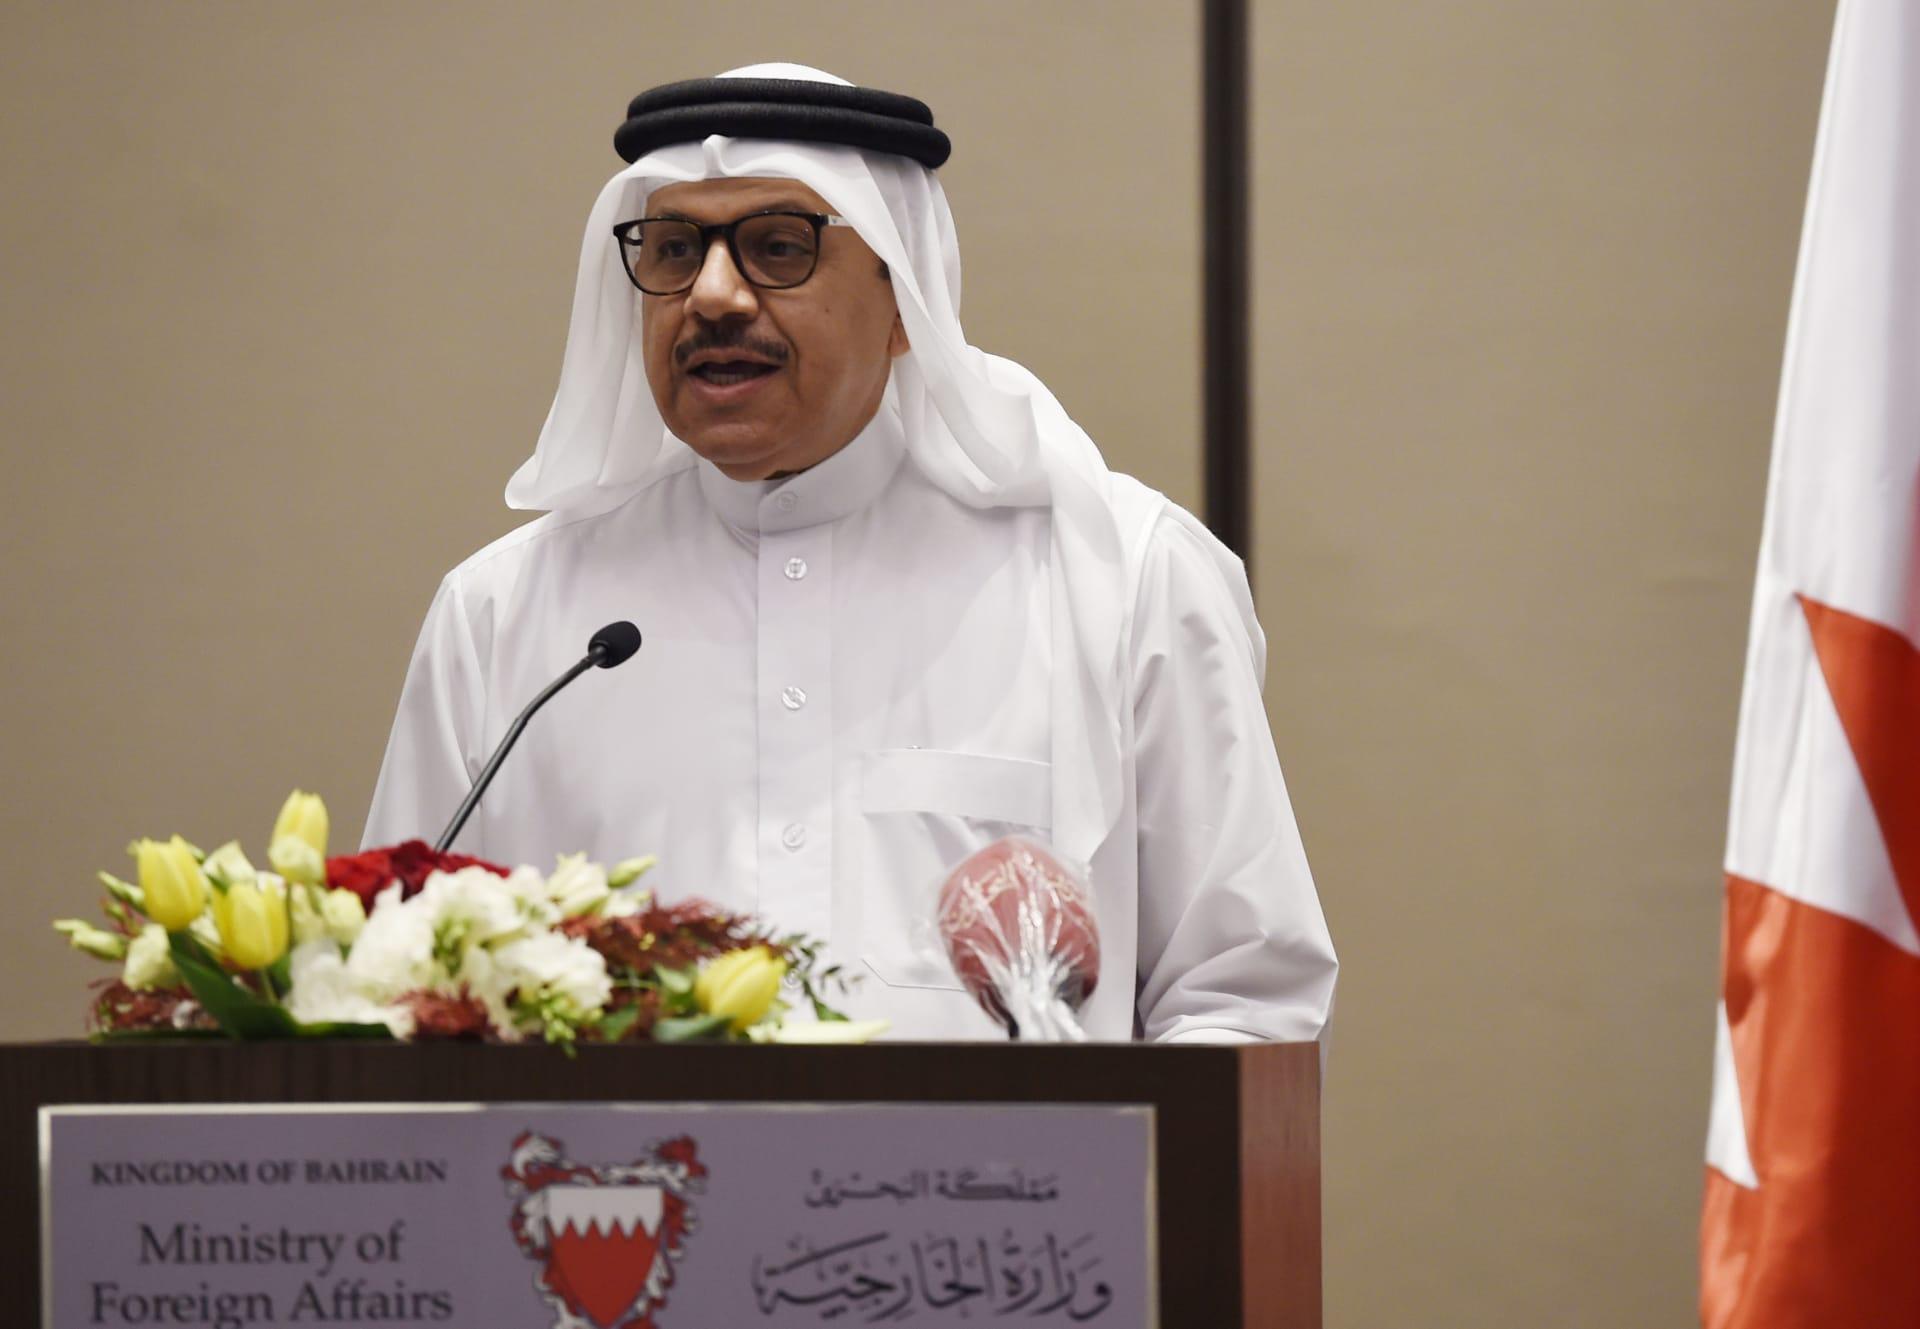 وزير خارجية البحرين عبداللطيف الزياني